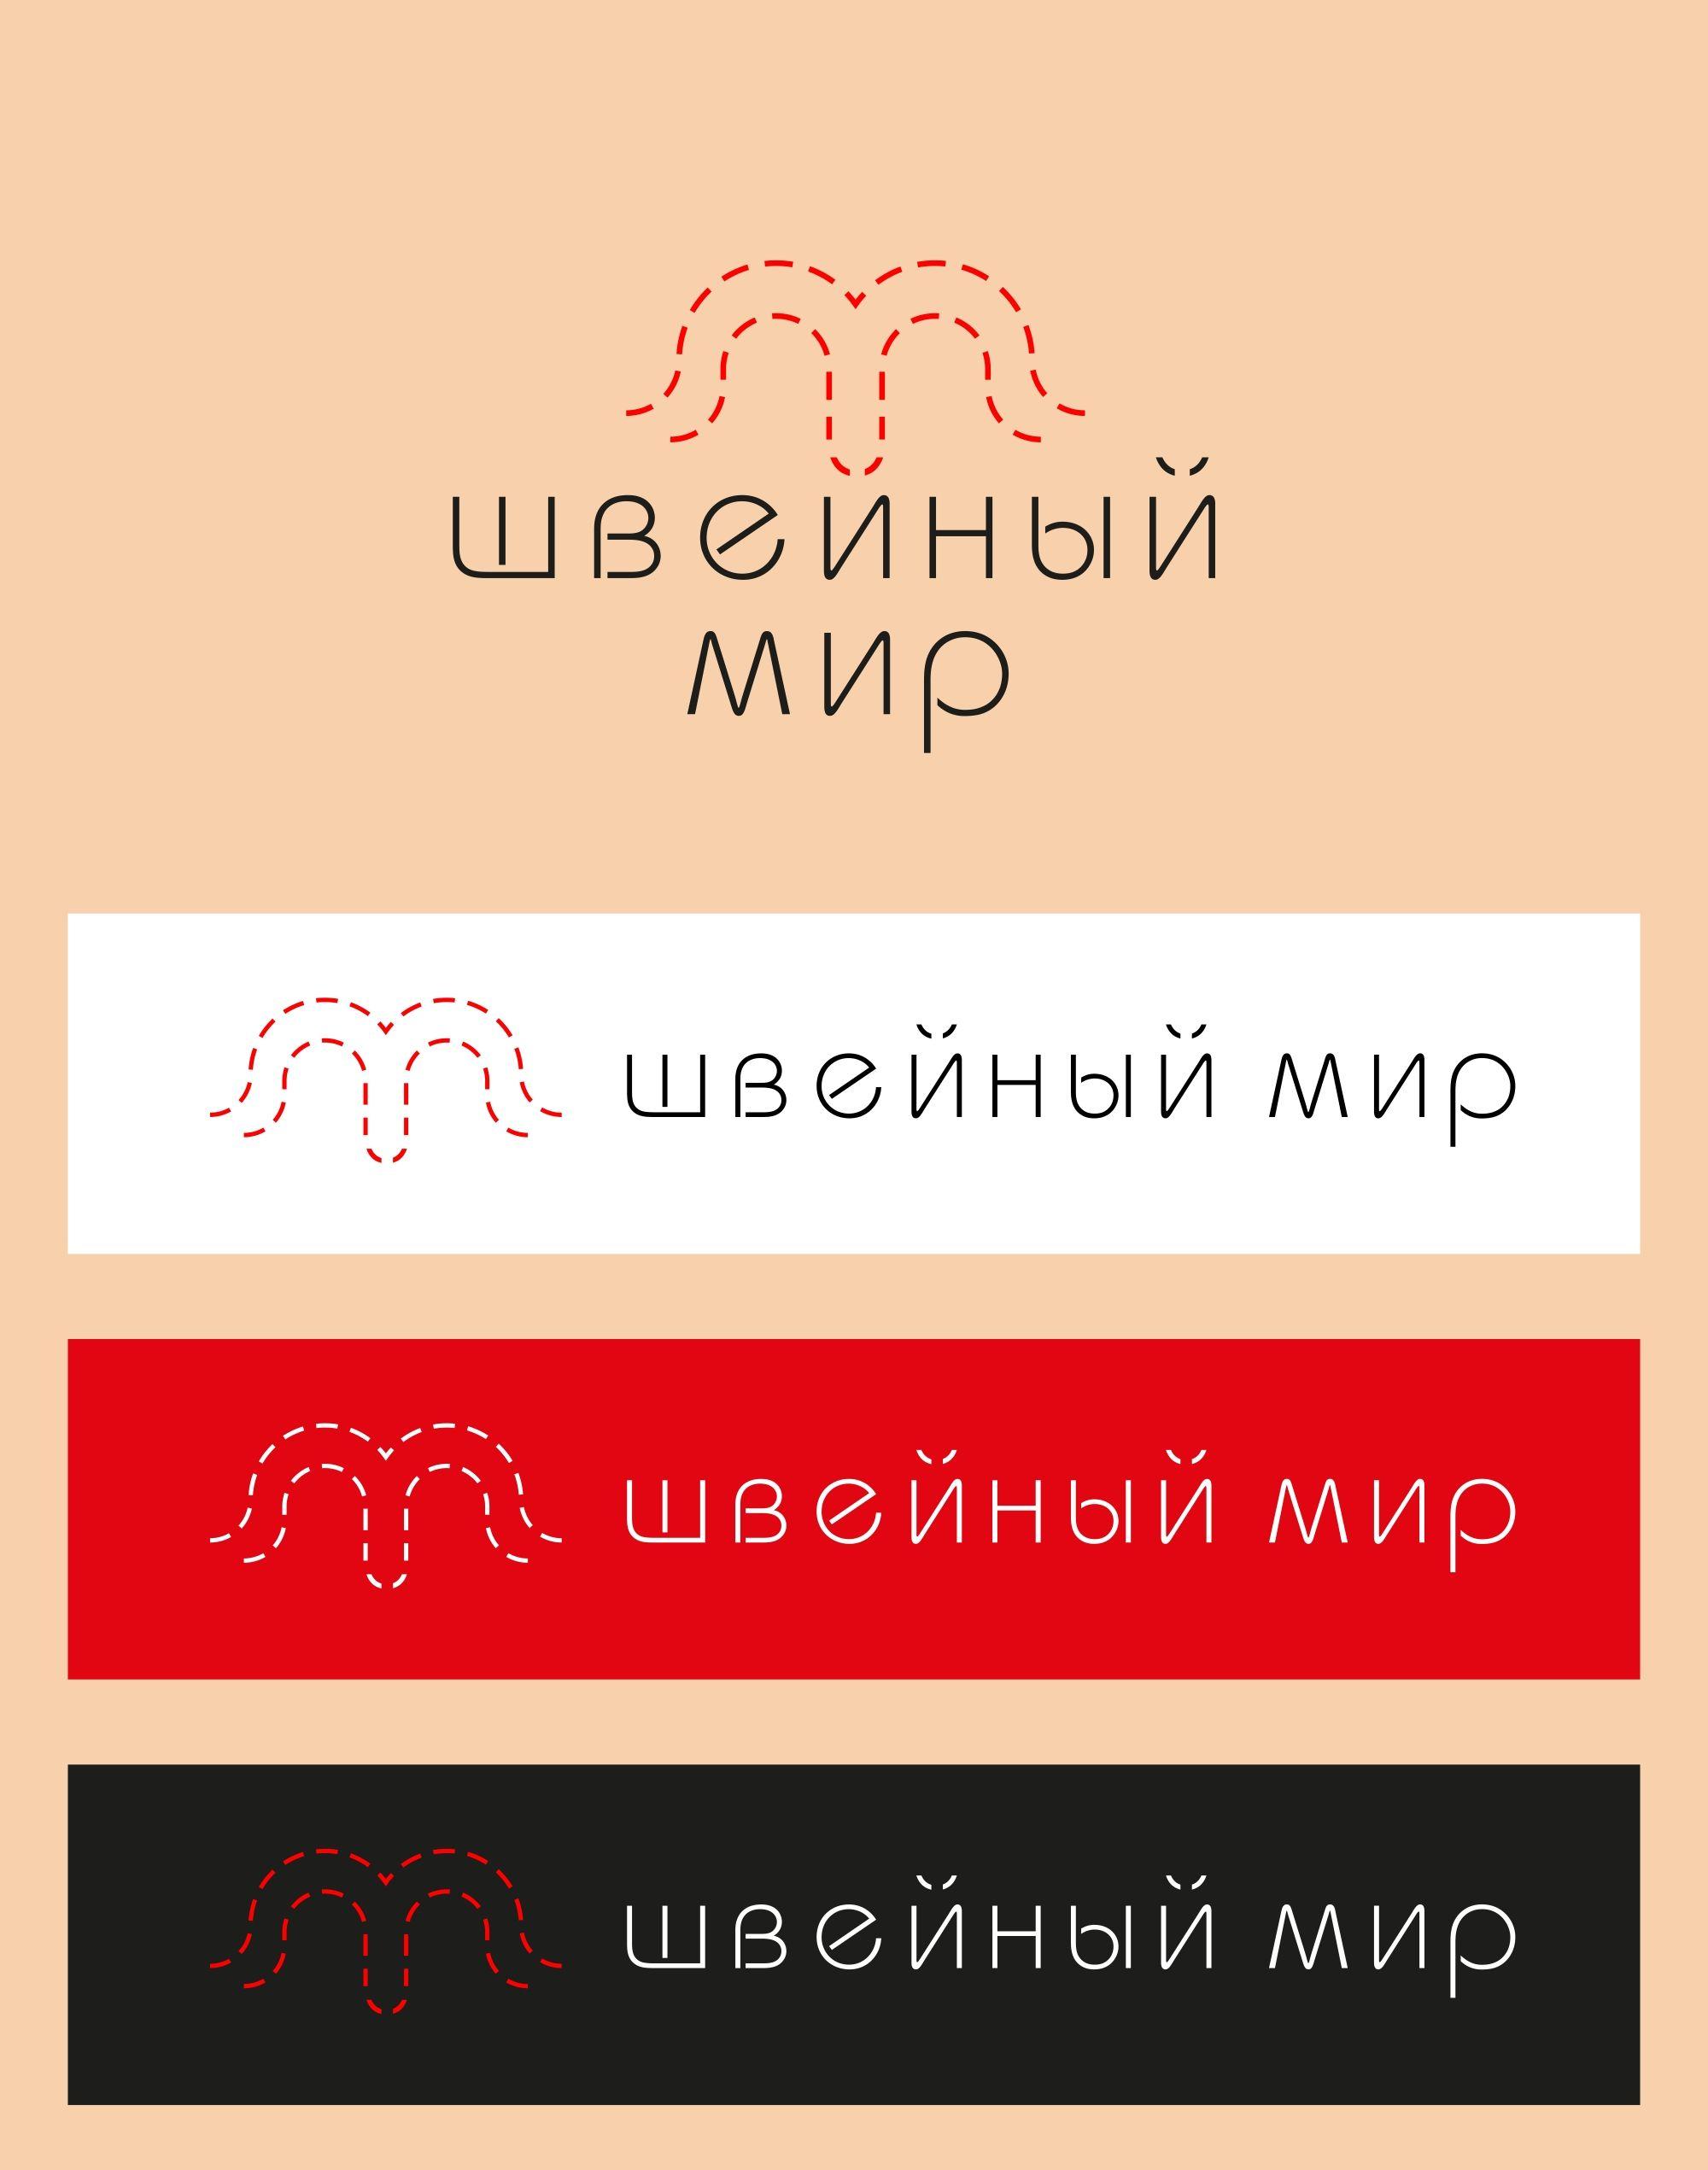 Логотип для ООО Швейный мир - дизайнер smithy-style